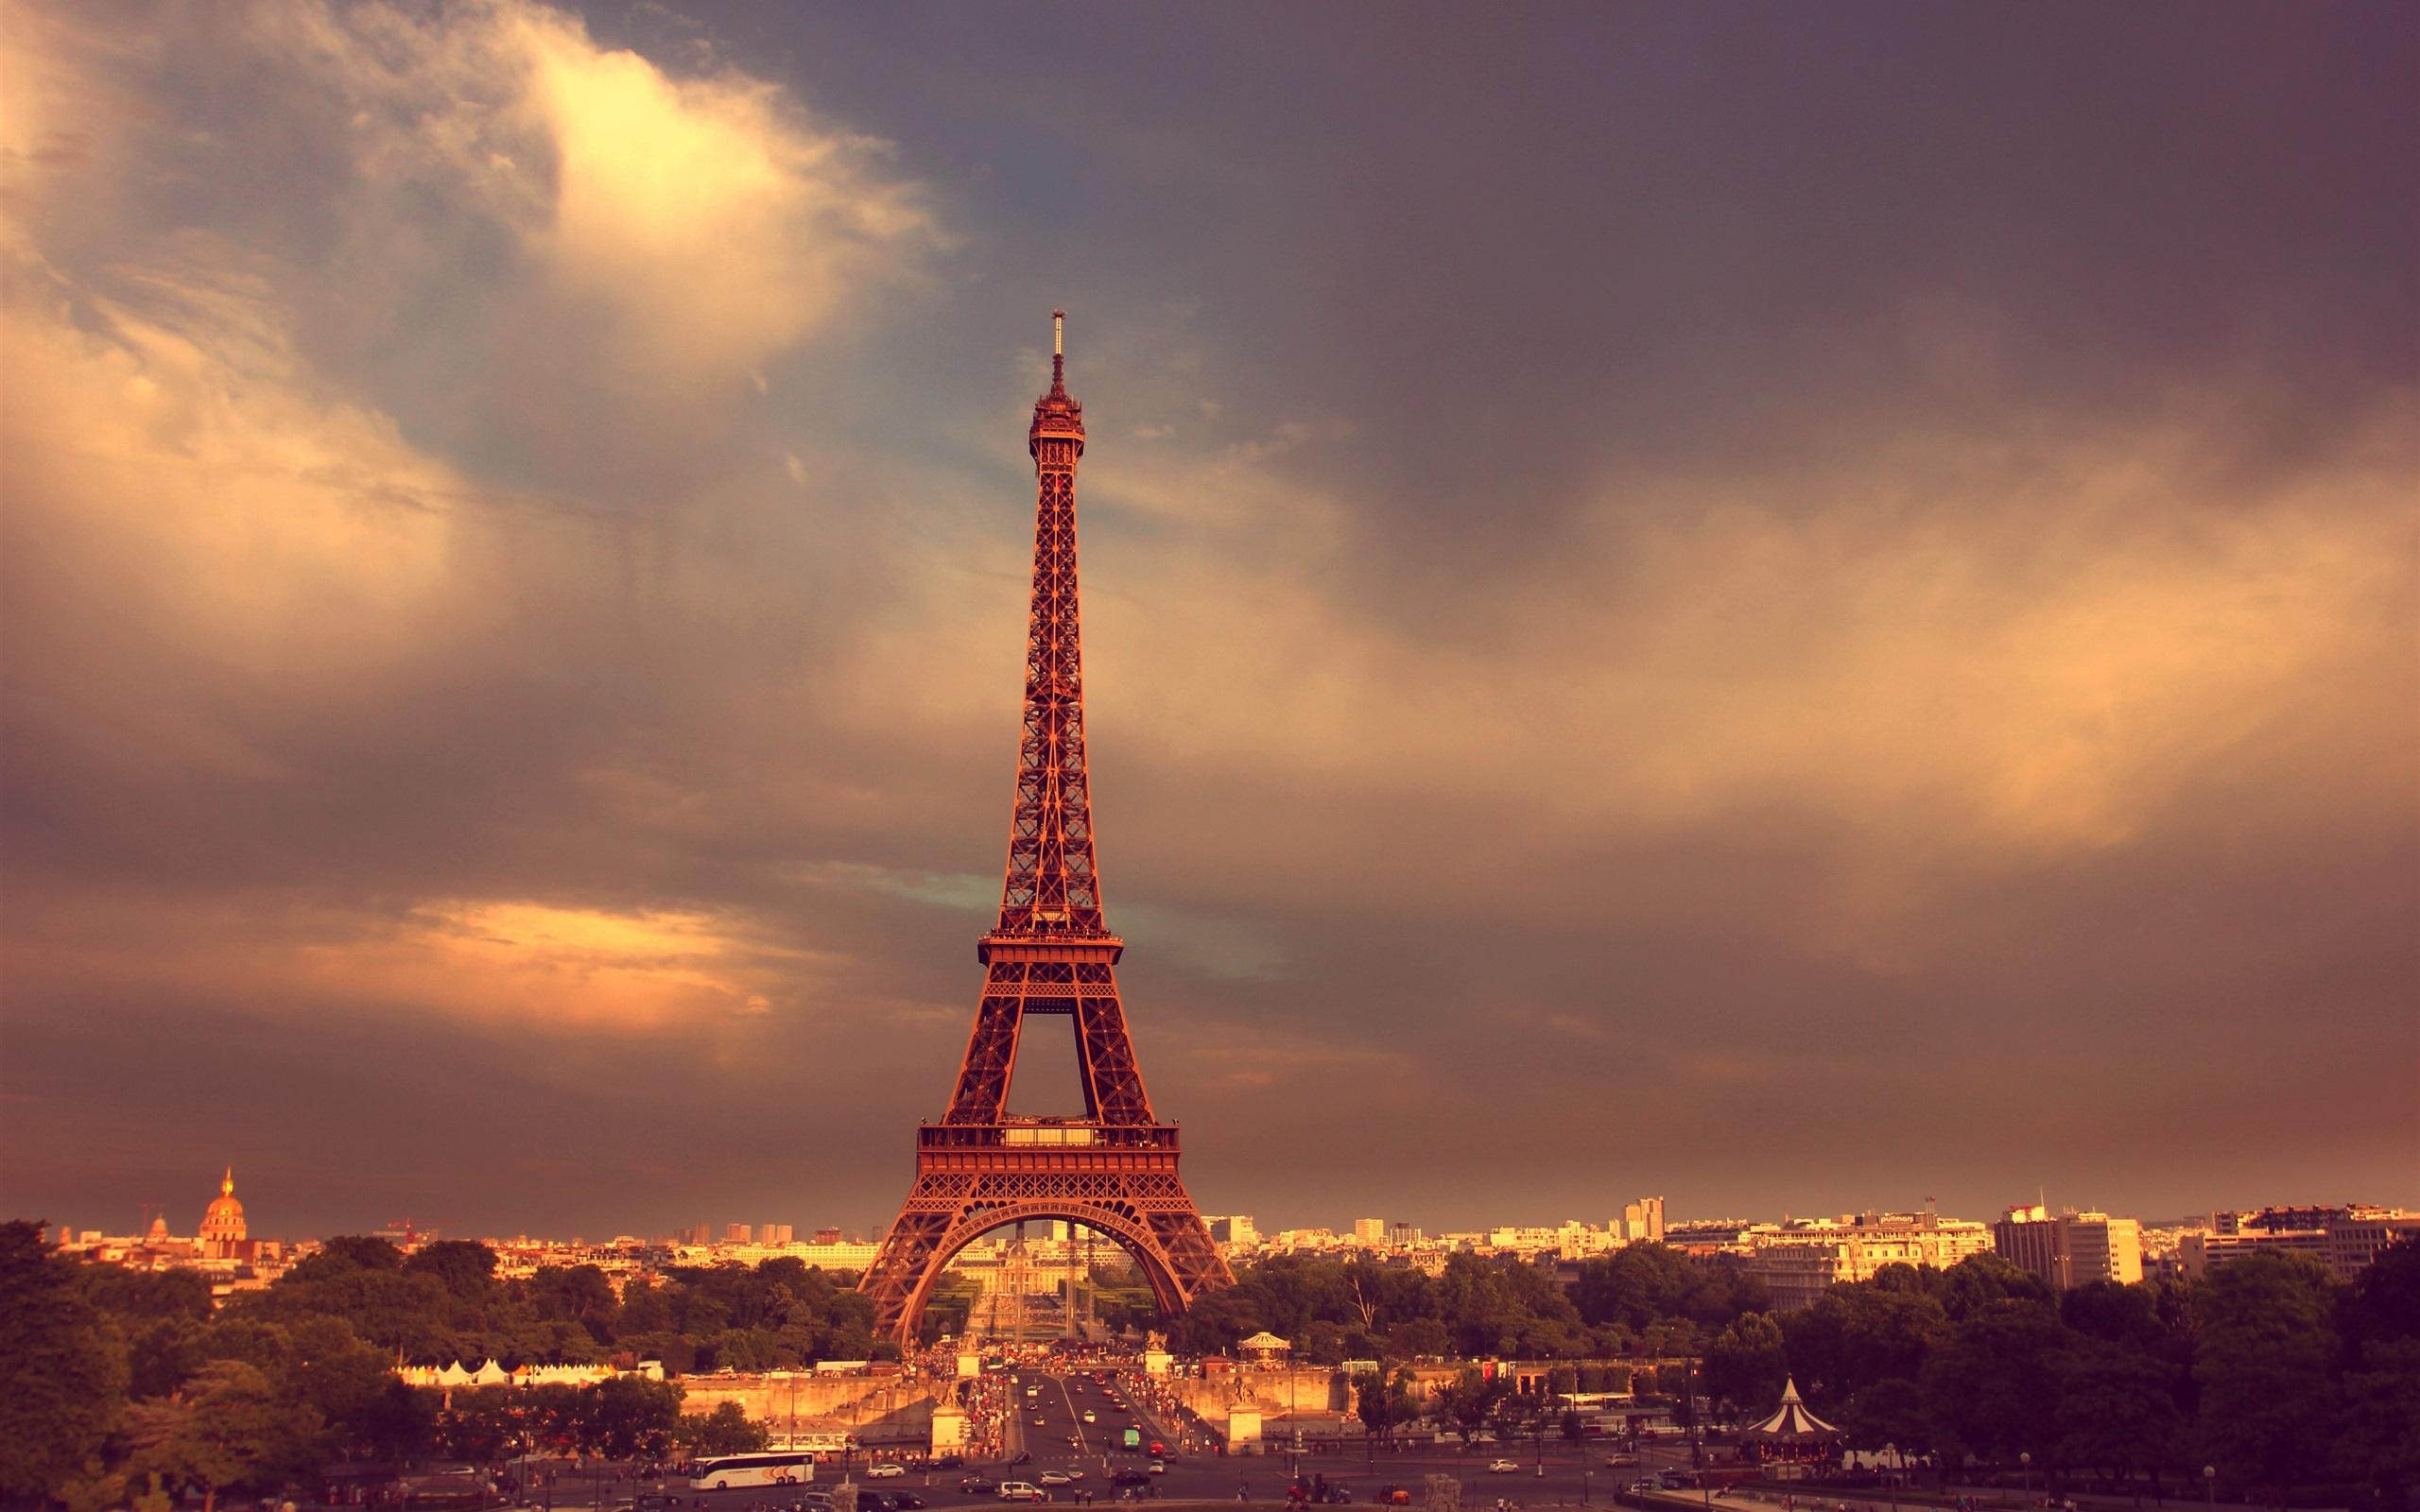 壁紙 パリ エッフェル塔 フランス 道路 車 夕暮れ 2560x1600 Hd